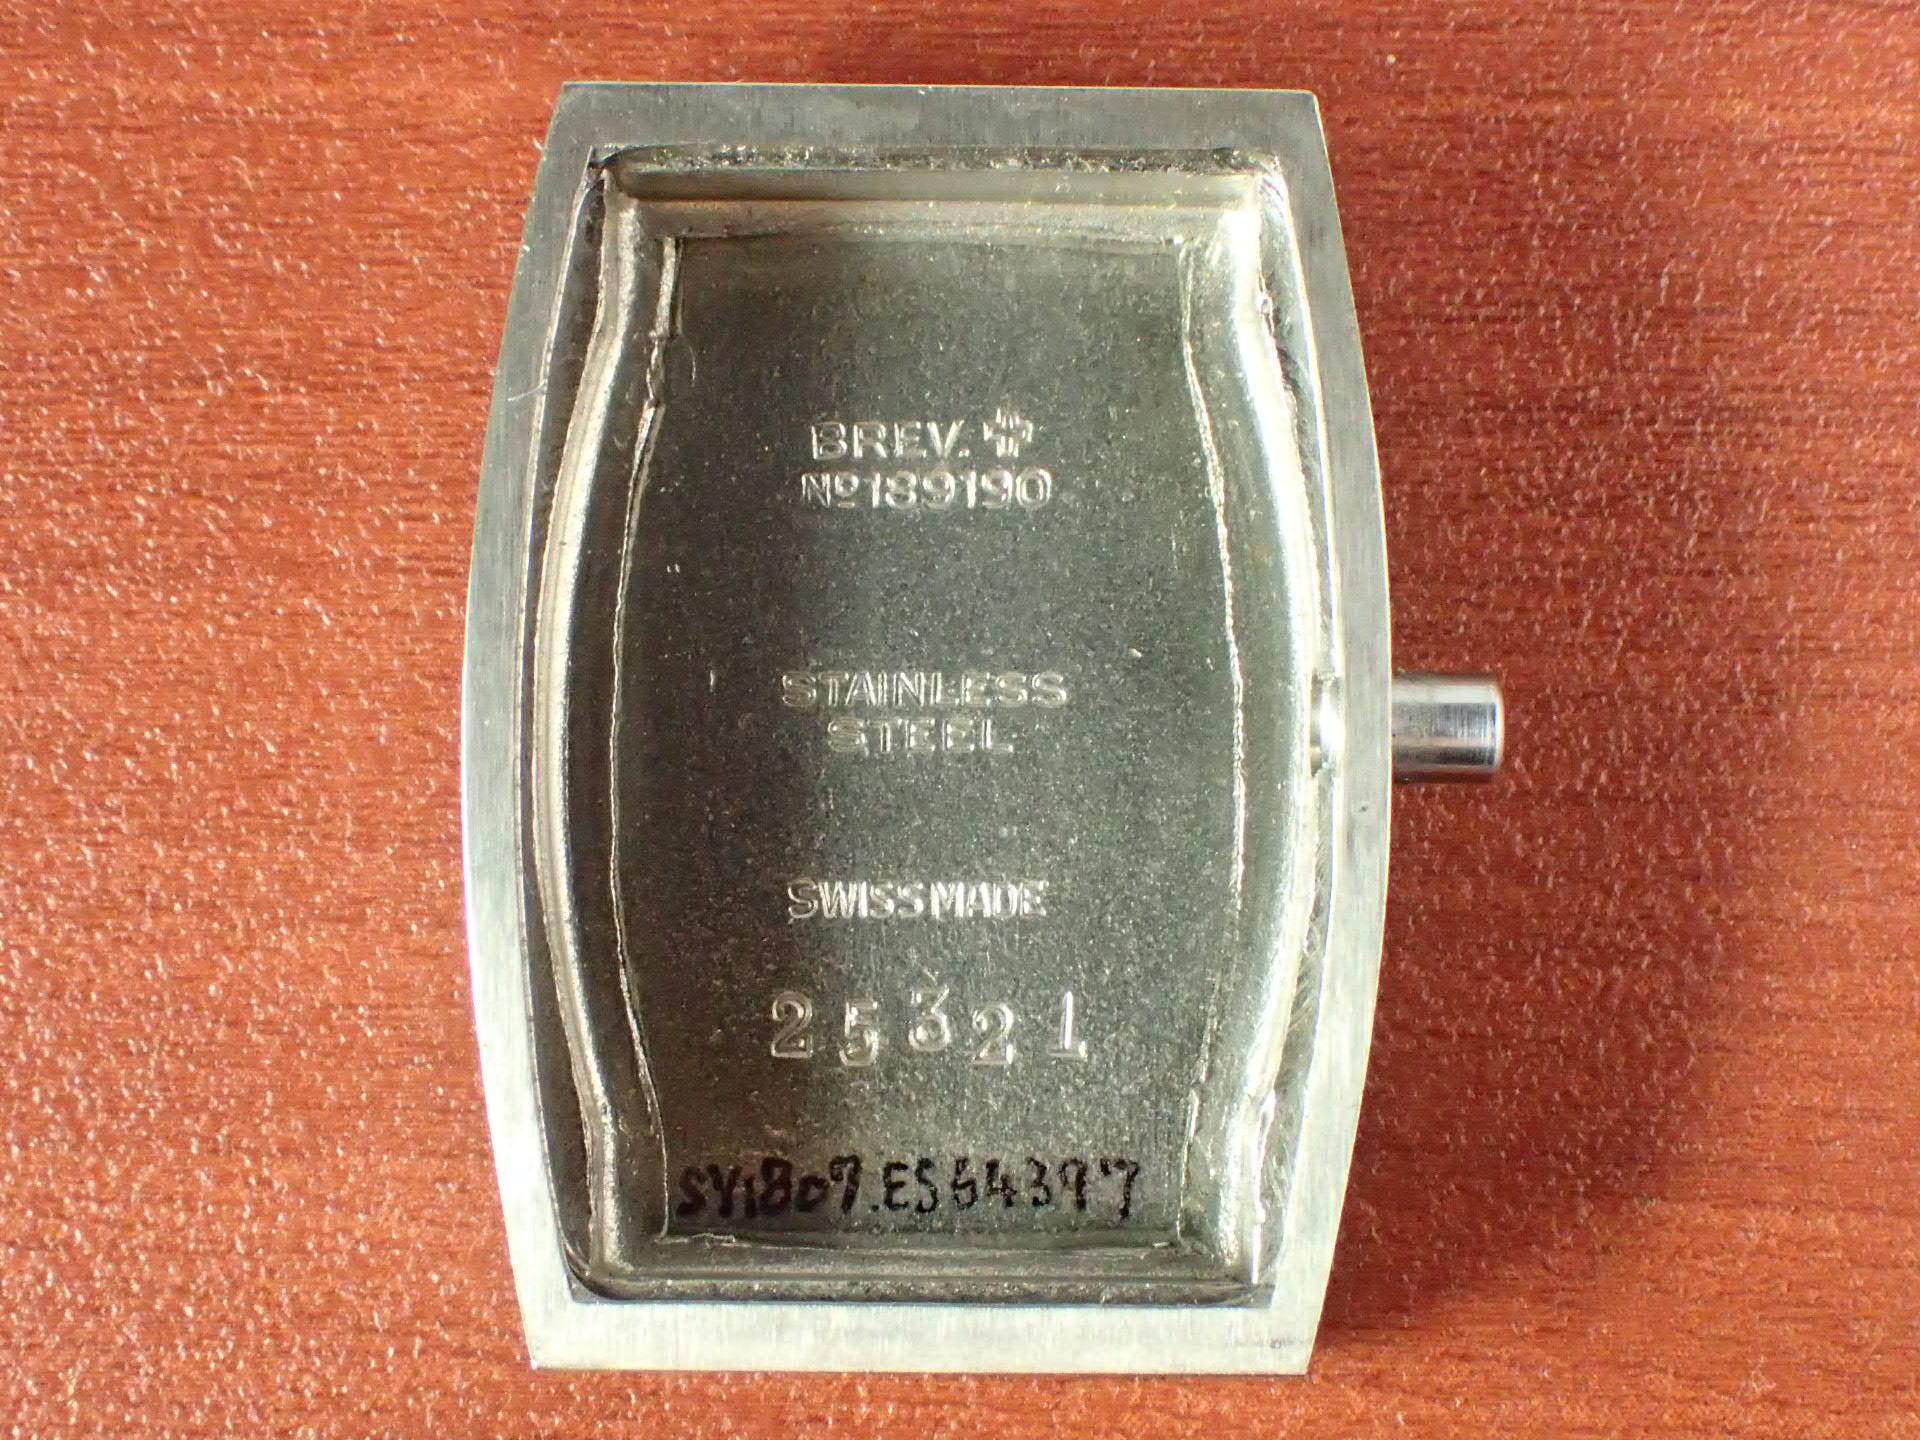 シーマ クラムシェル トノーケース 2トーンダイアル N.O.S. 1940年代の写真6枚目